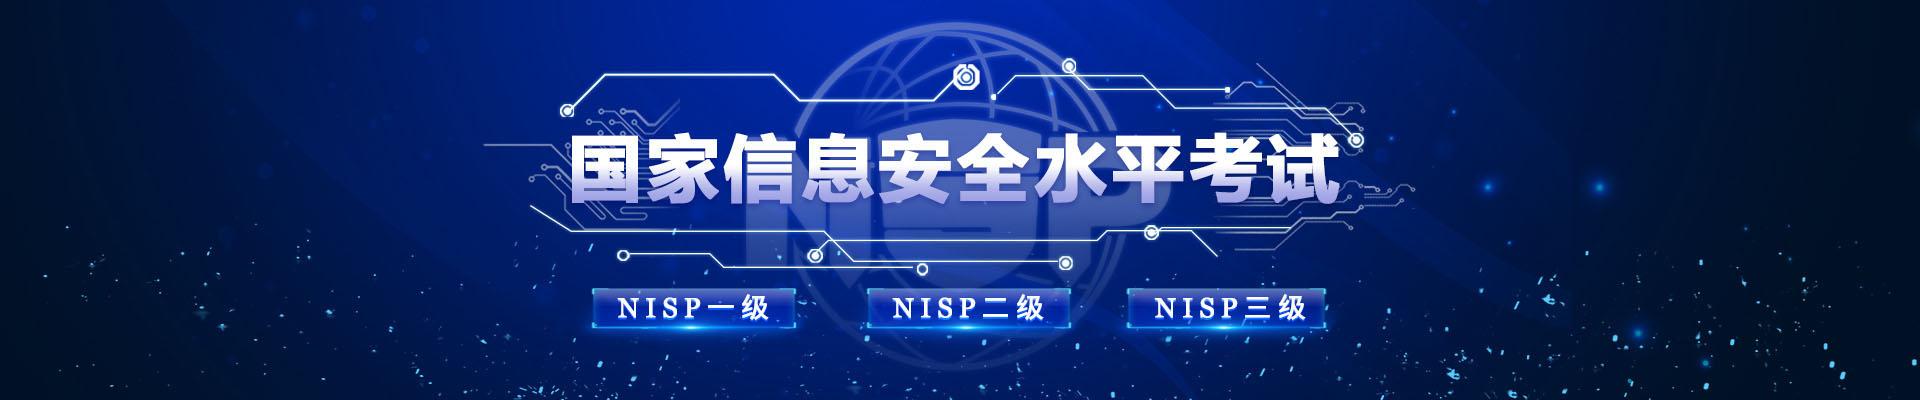 nisp|国家信息安全水平考试